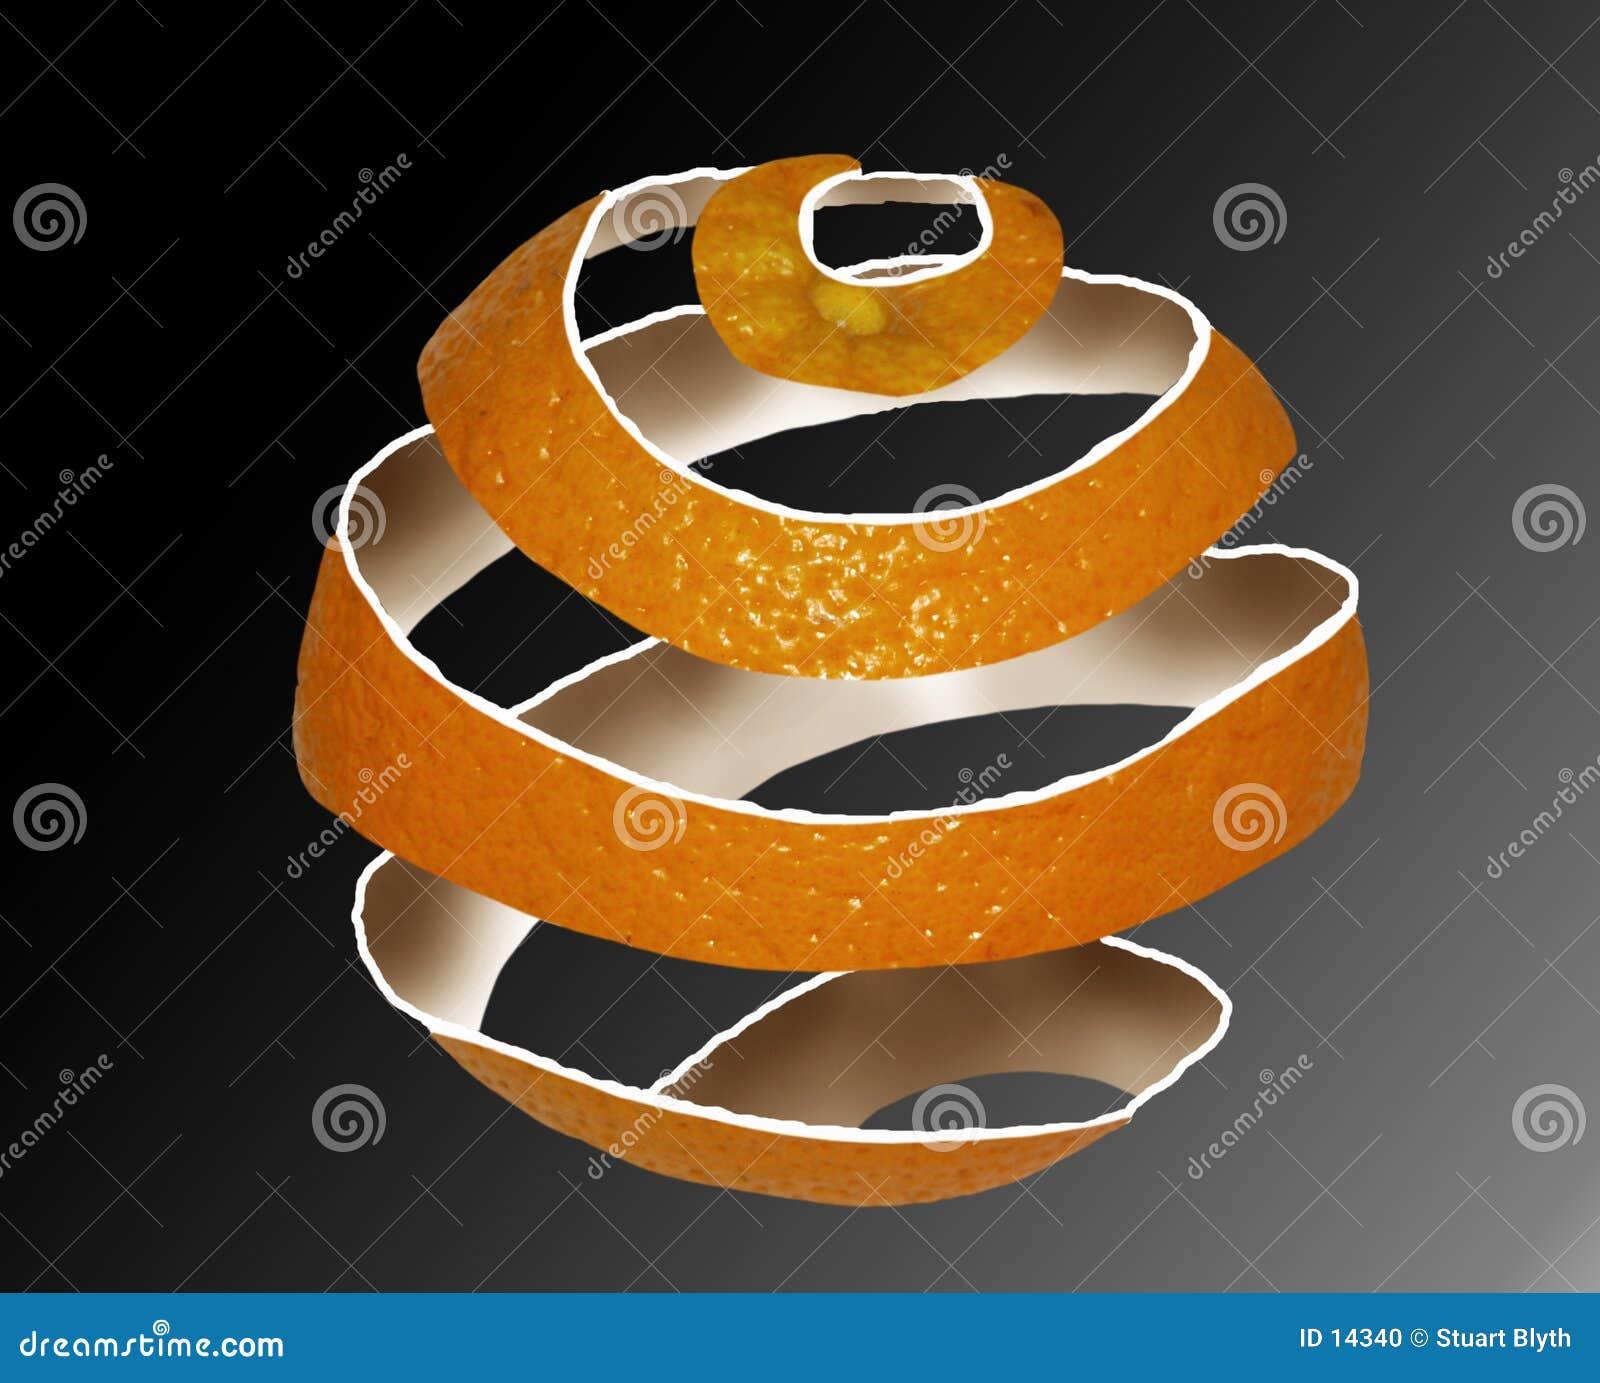 πορτοκαλιά φλούδα